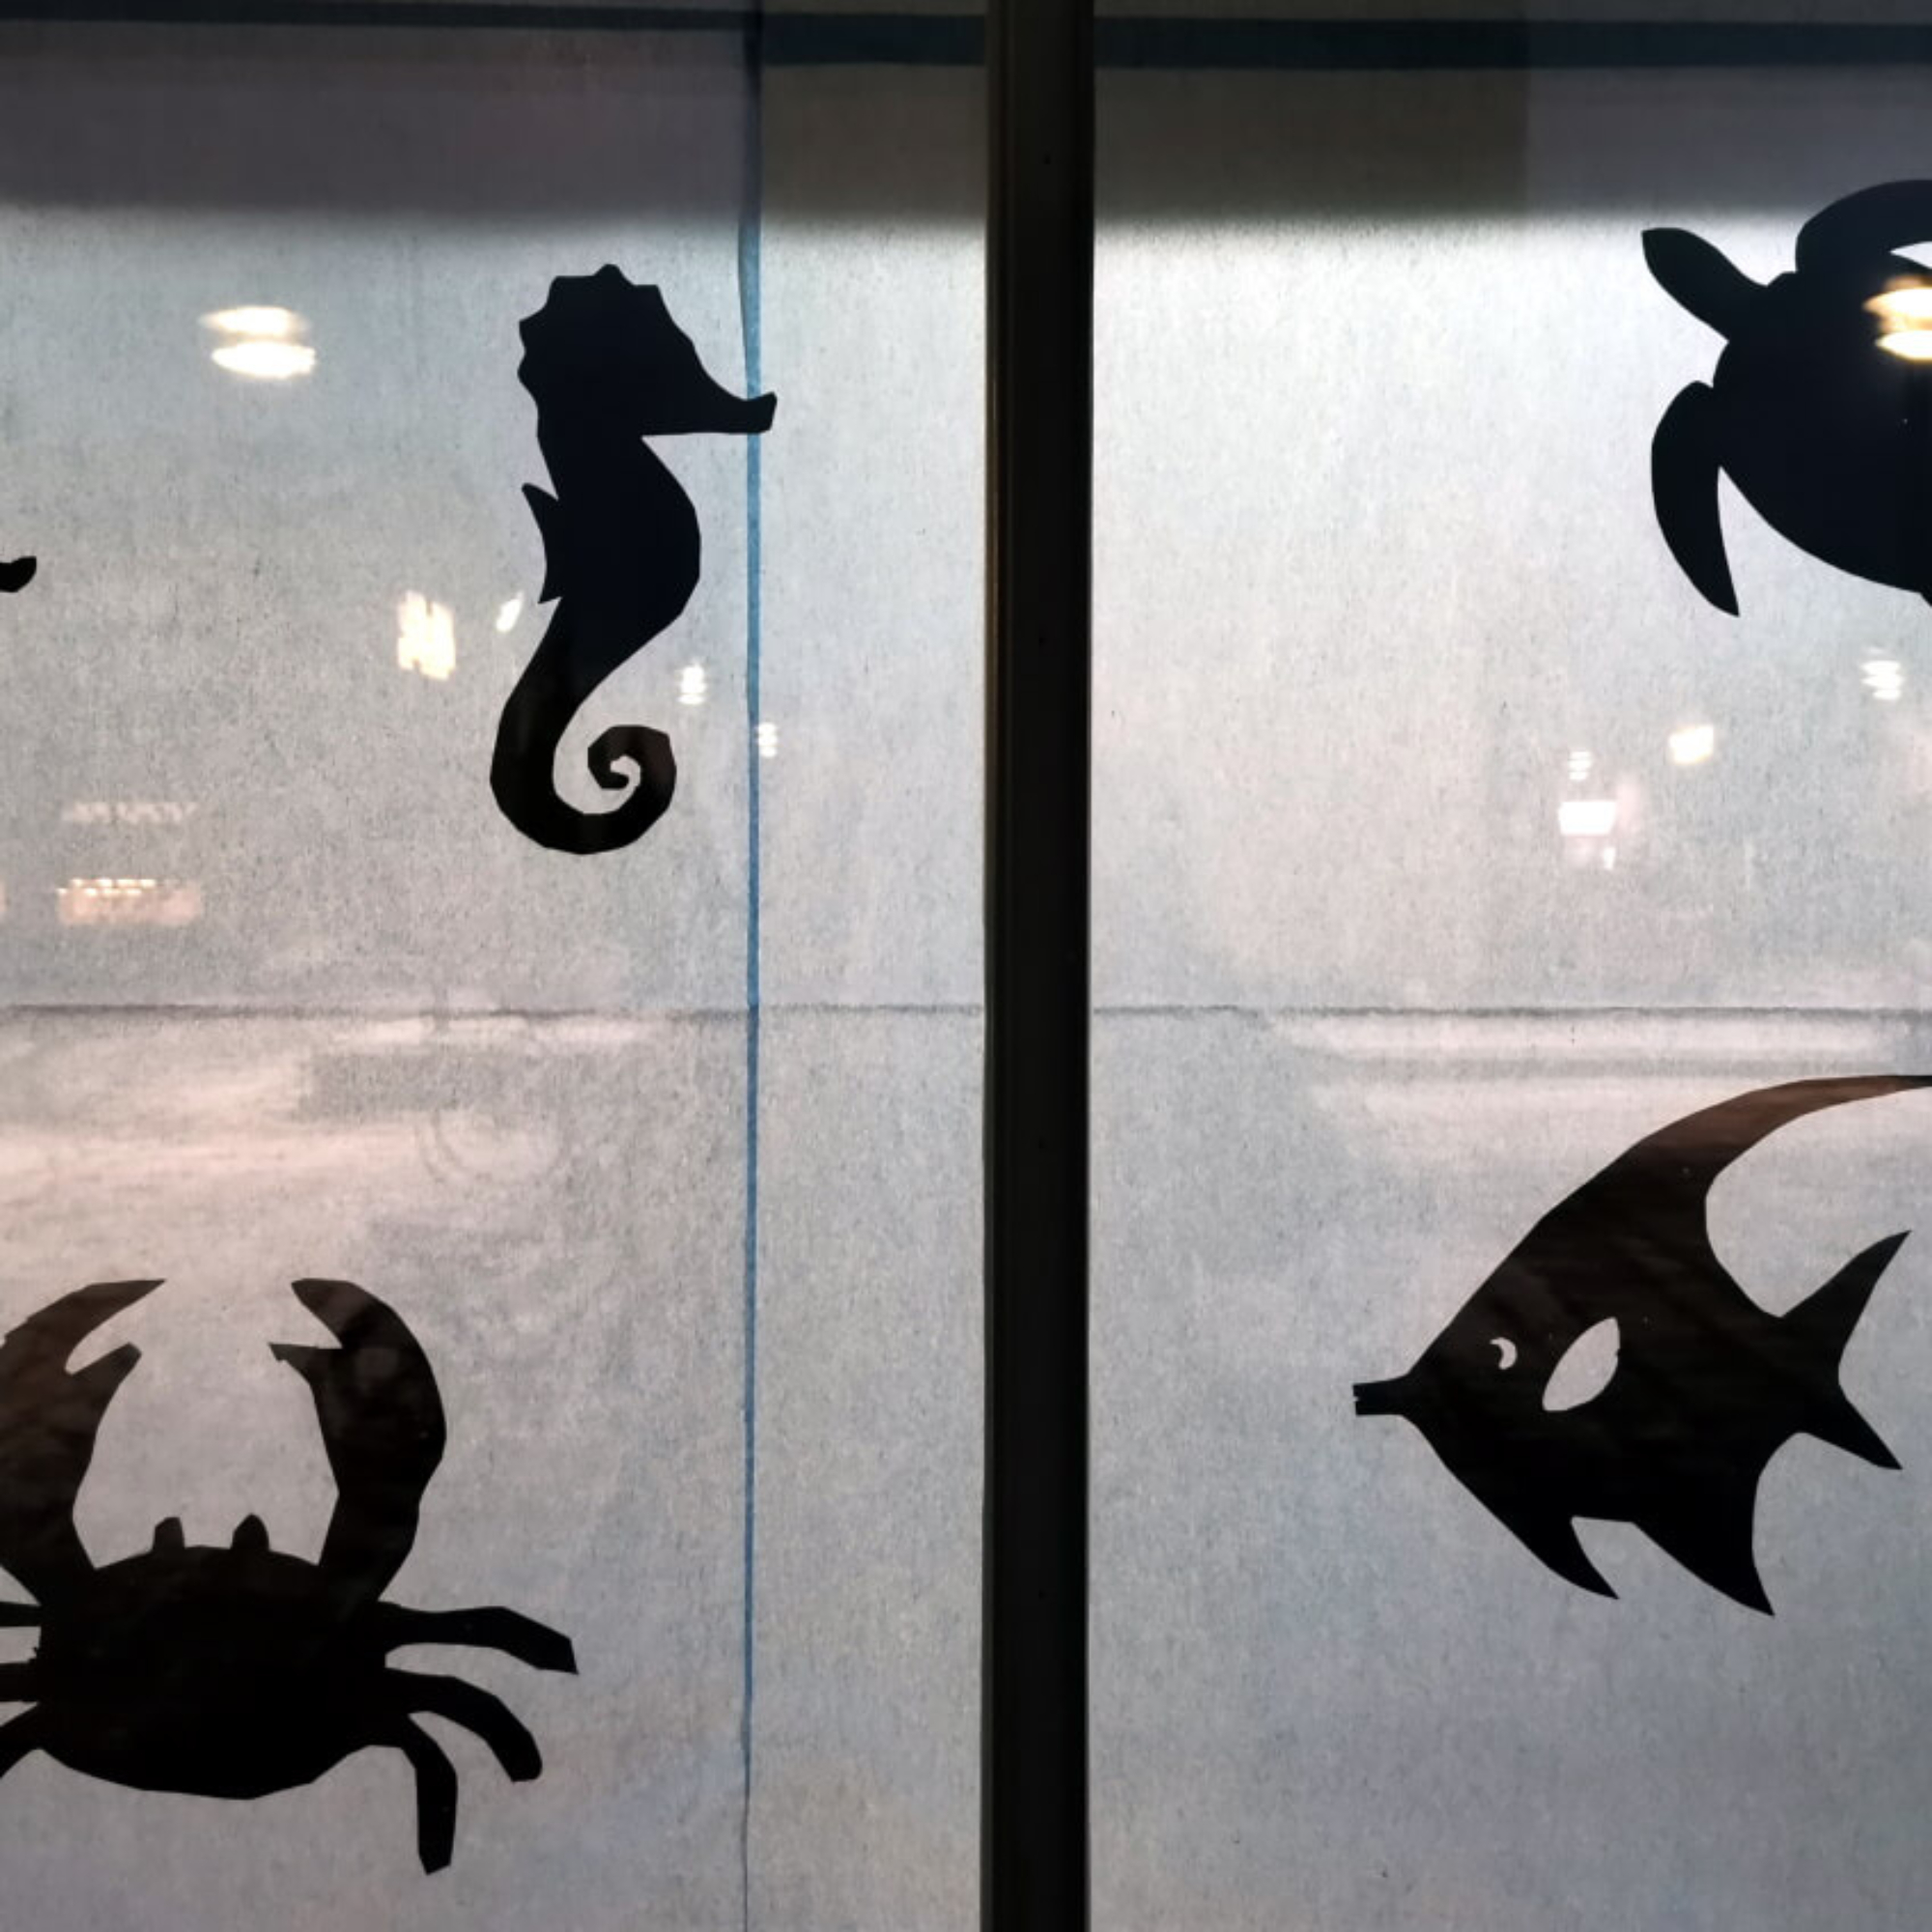 Lapuan taidekoulun silhuettikuvia meren elävistä.